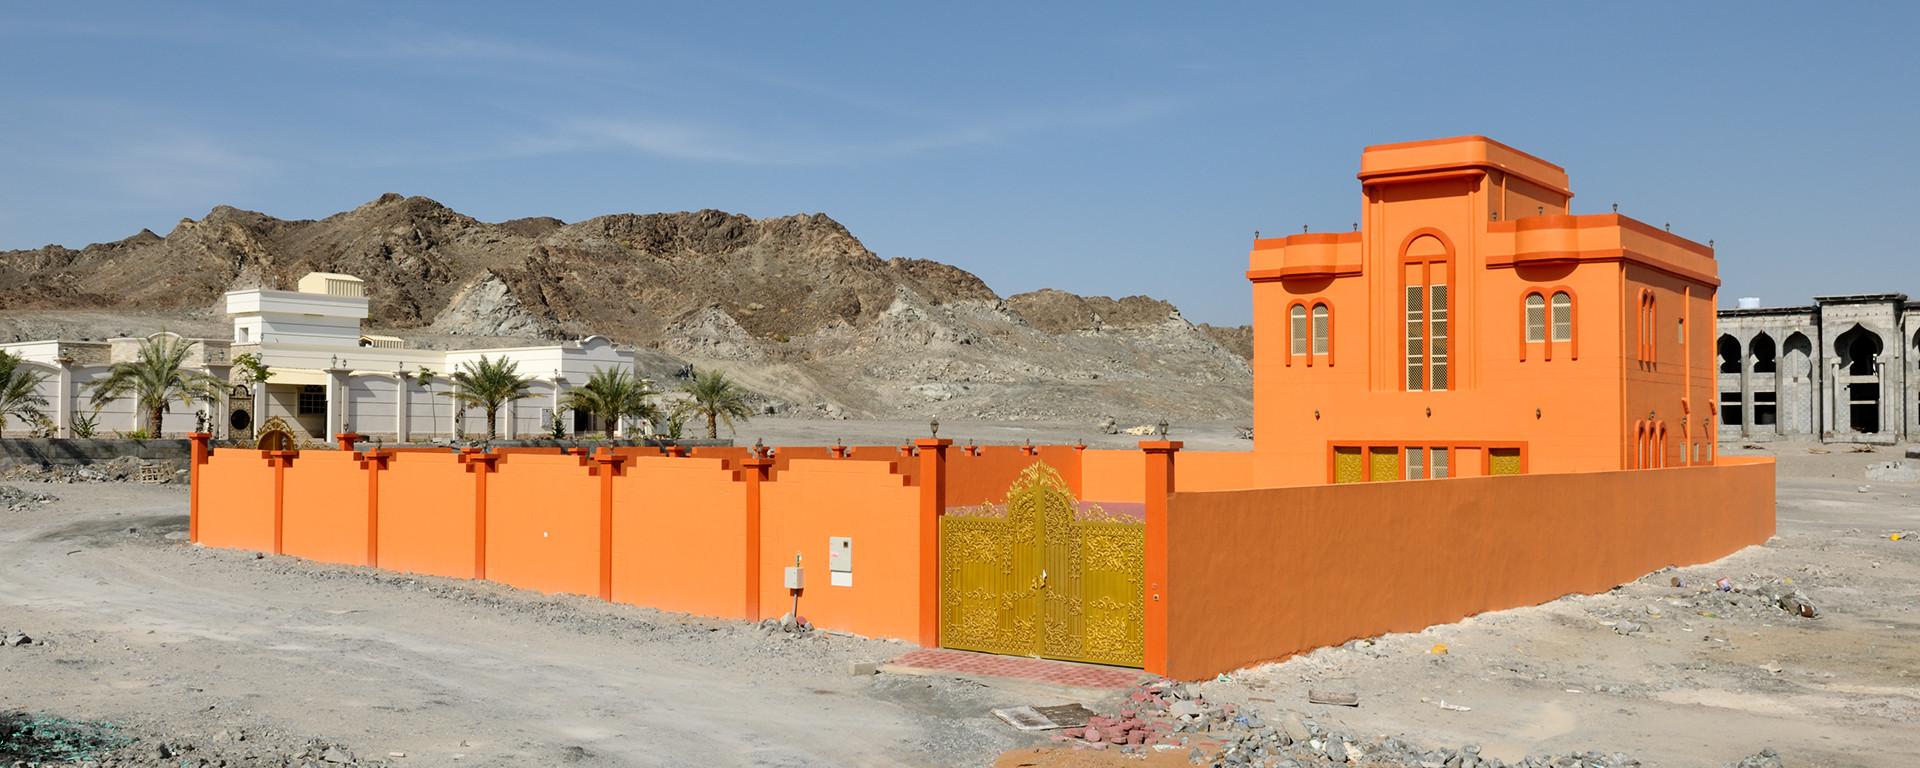 Masafi new architecture